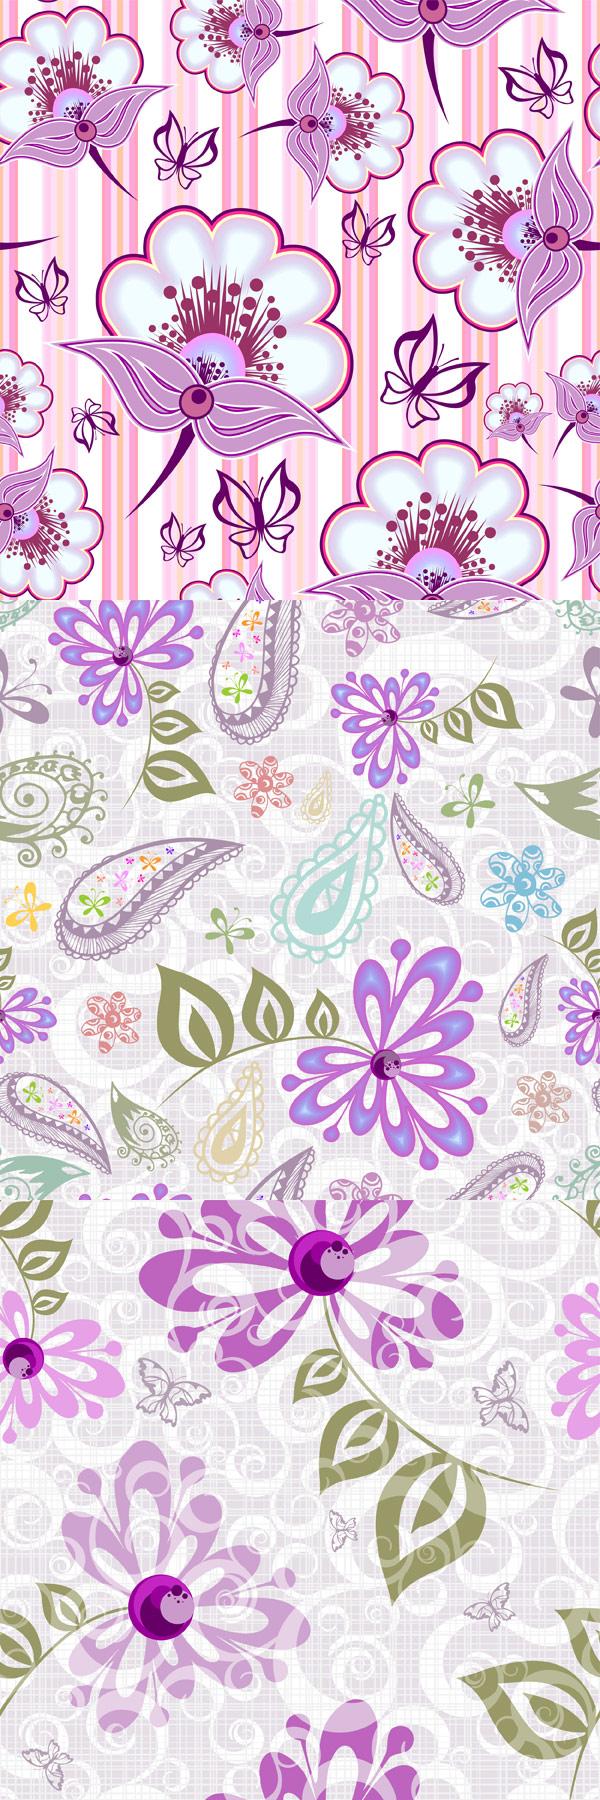 素材分类: 矢量图案所需点数: 0 点 关键词: 精美紫花图案背景矢量